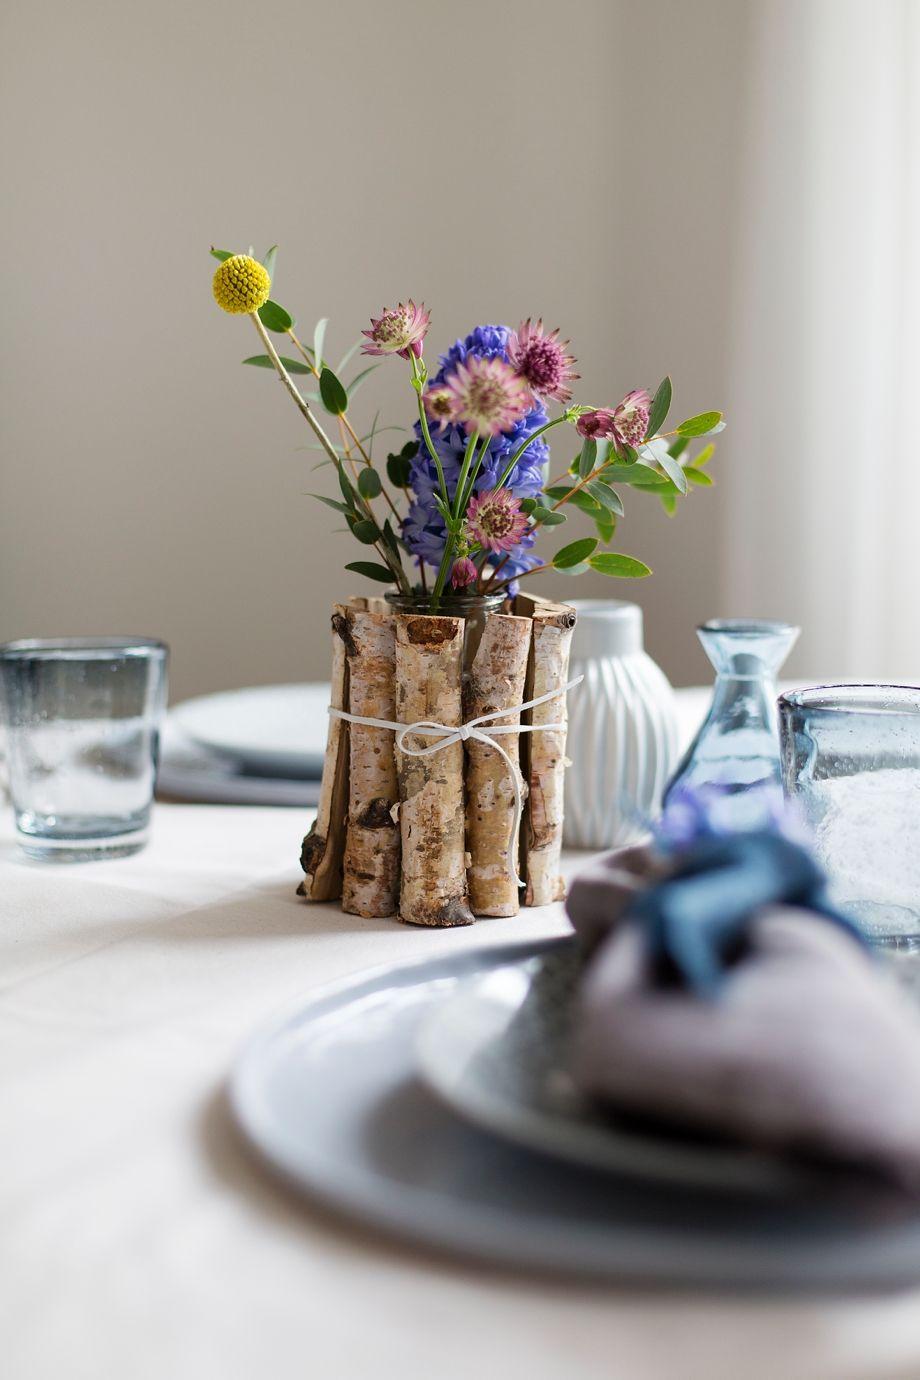 diy tischdeko idee mit streudeko deko floral blumen gestecke blumen tischdeko. Black Bedroom Furniture Sets. Home Design Ideas